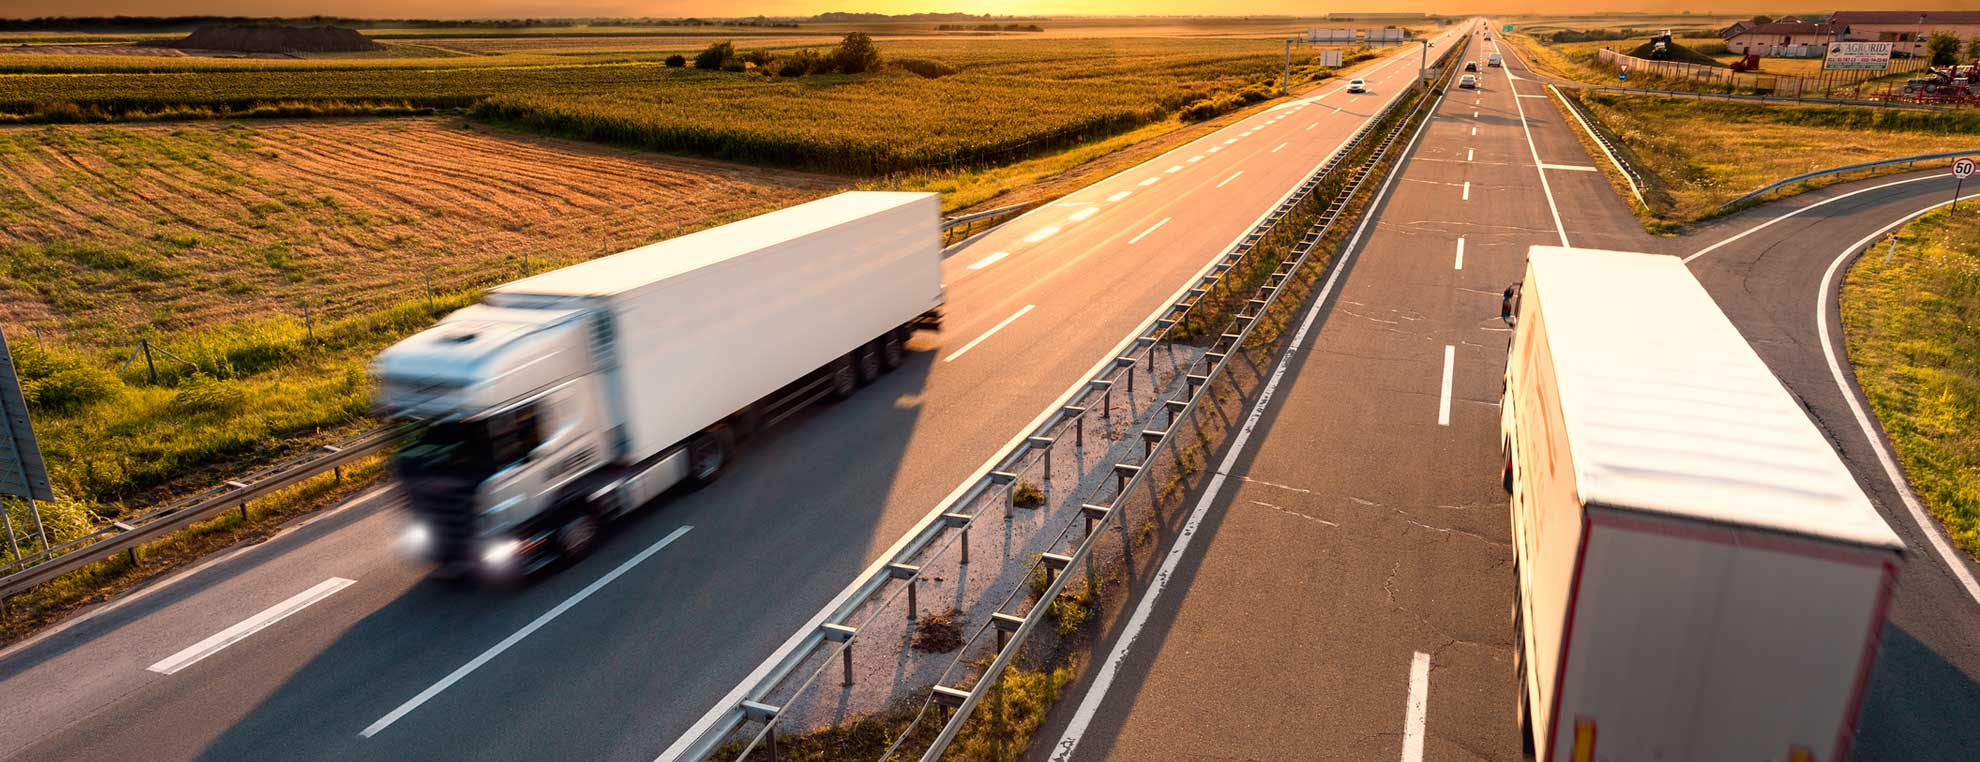 trucks-communication-tracking-Lazer Communications - port-shepstone-margate-south-coast-kwazulu-natal-eastern-cape -two-way-radios-digital-analog-cell based